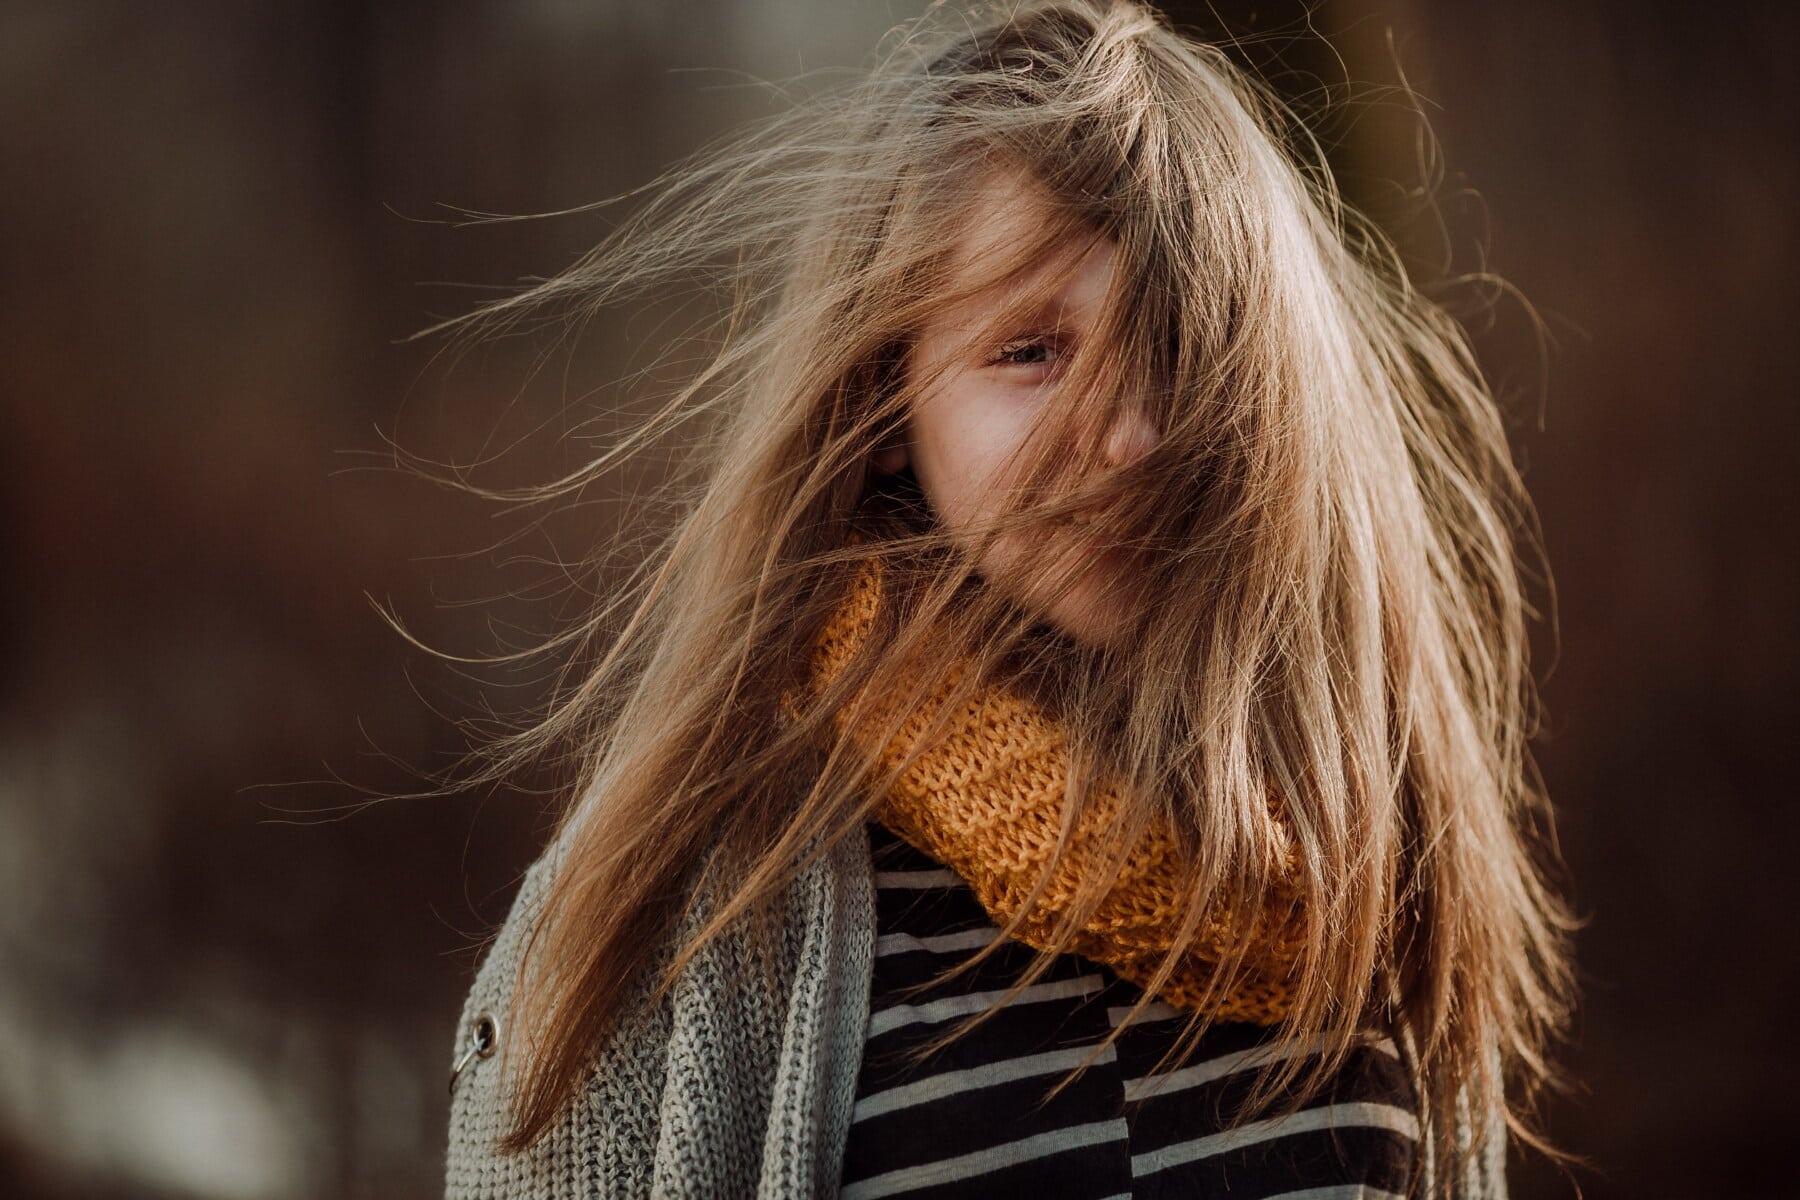 ung kvinne, tenåringer, pen jente, frisyre, stående, lykke, oppvekst, uskyld, vind, hår